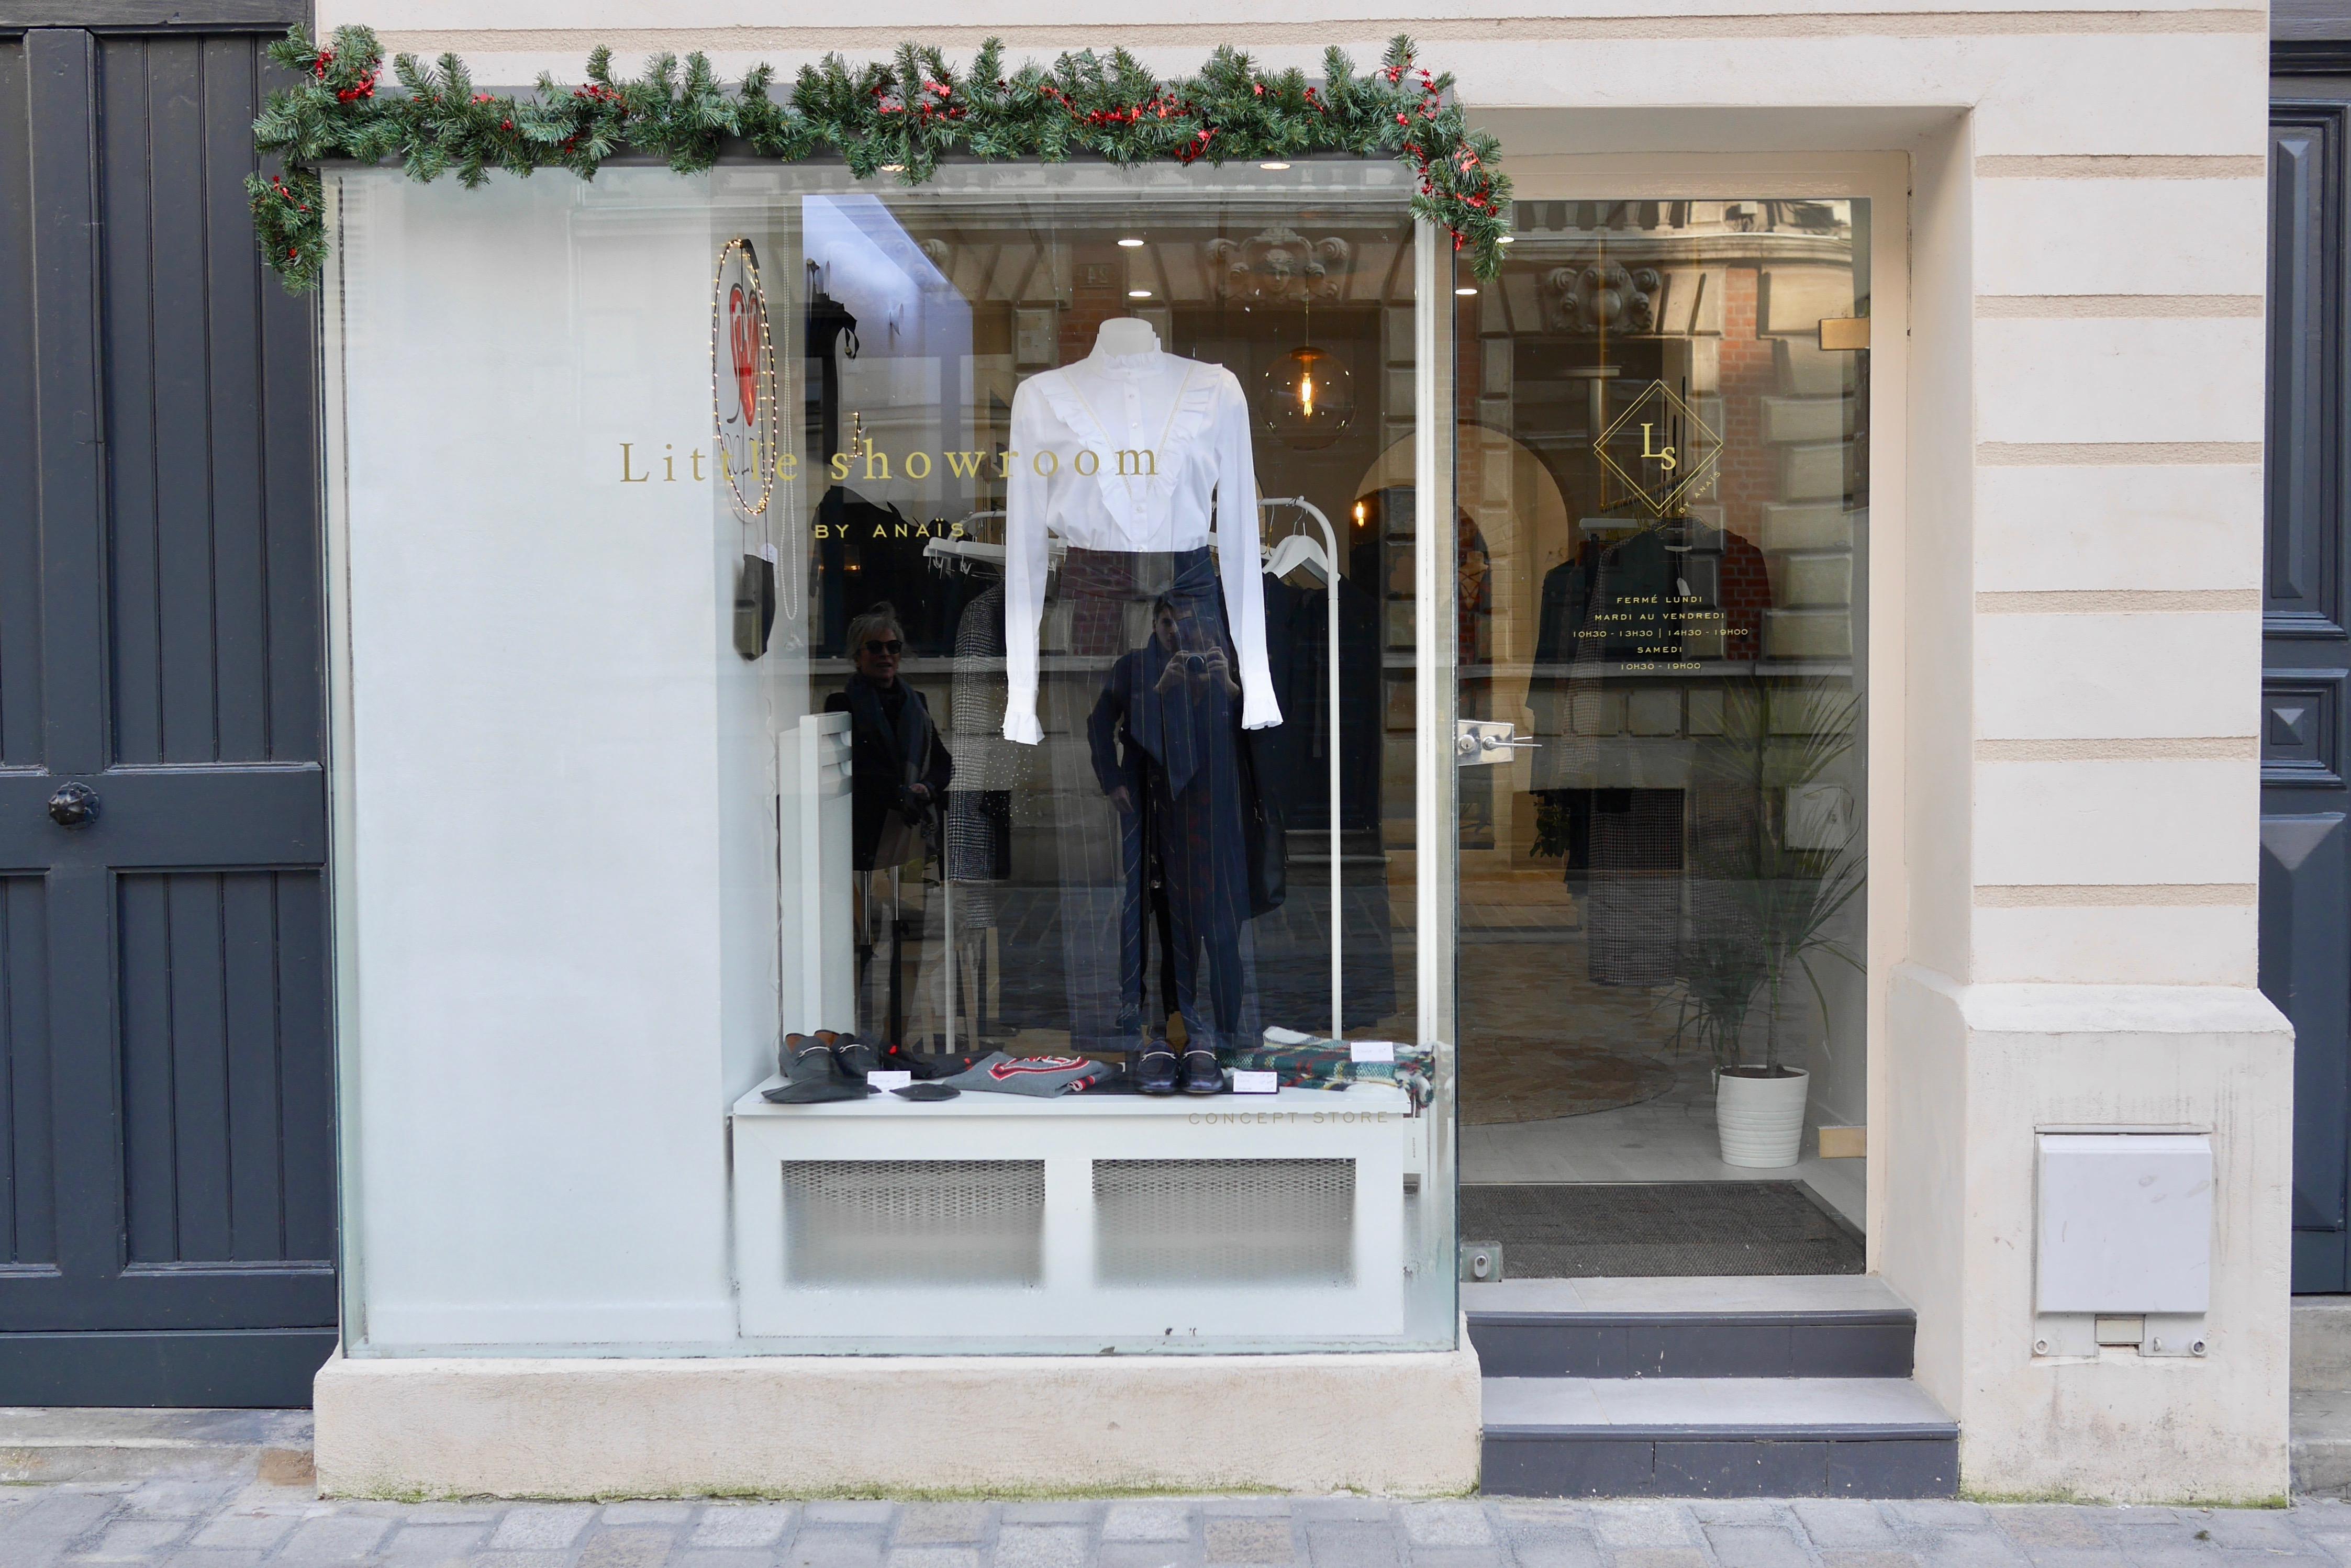 Little Showroom by Anaïs 33, rue de Chativesle 51100 Reims  Ouvert du mardi au vendredi de 10h30 à 13h30 et de 14h30 à 19 heures Le samedi de 10h30 à 19 heures  Instagram